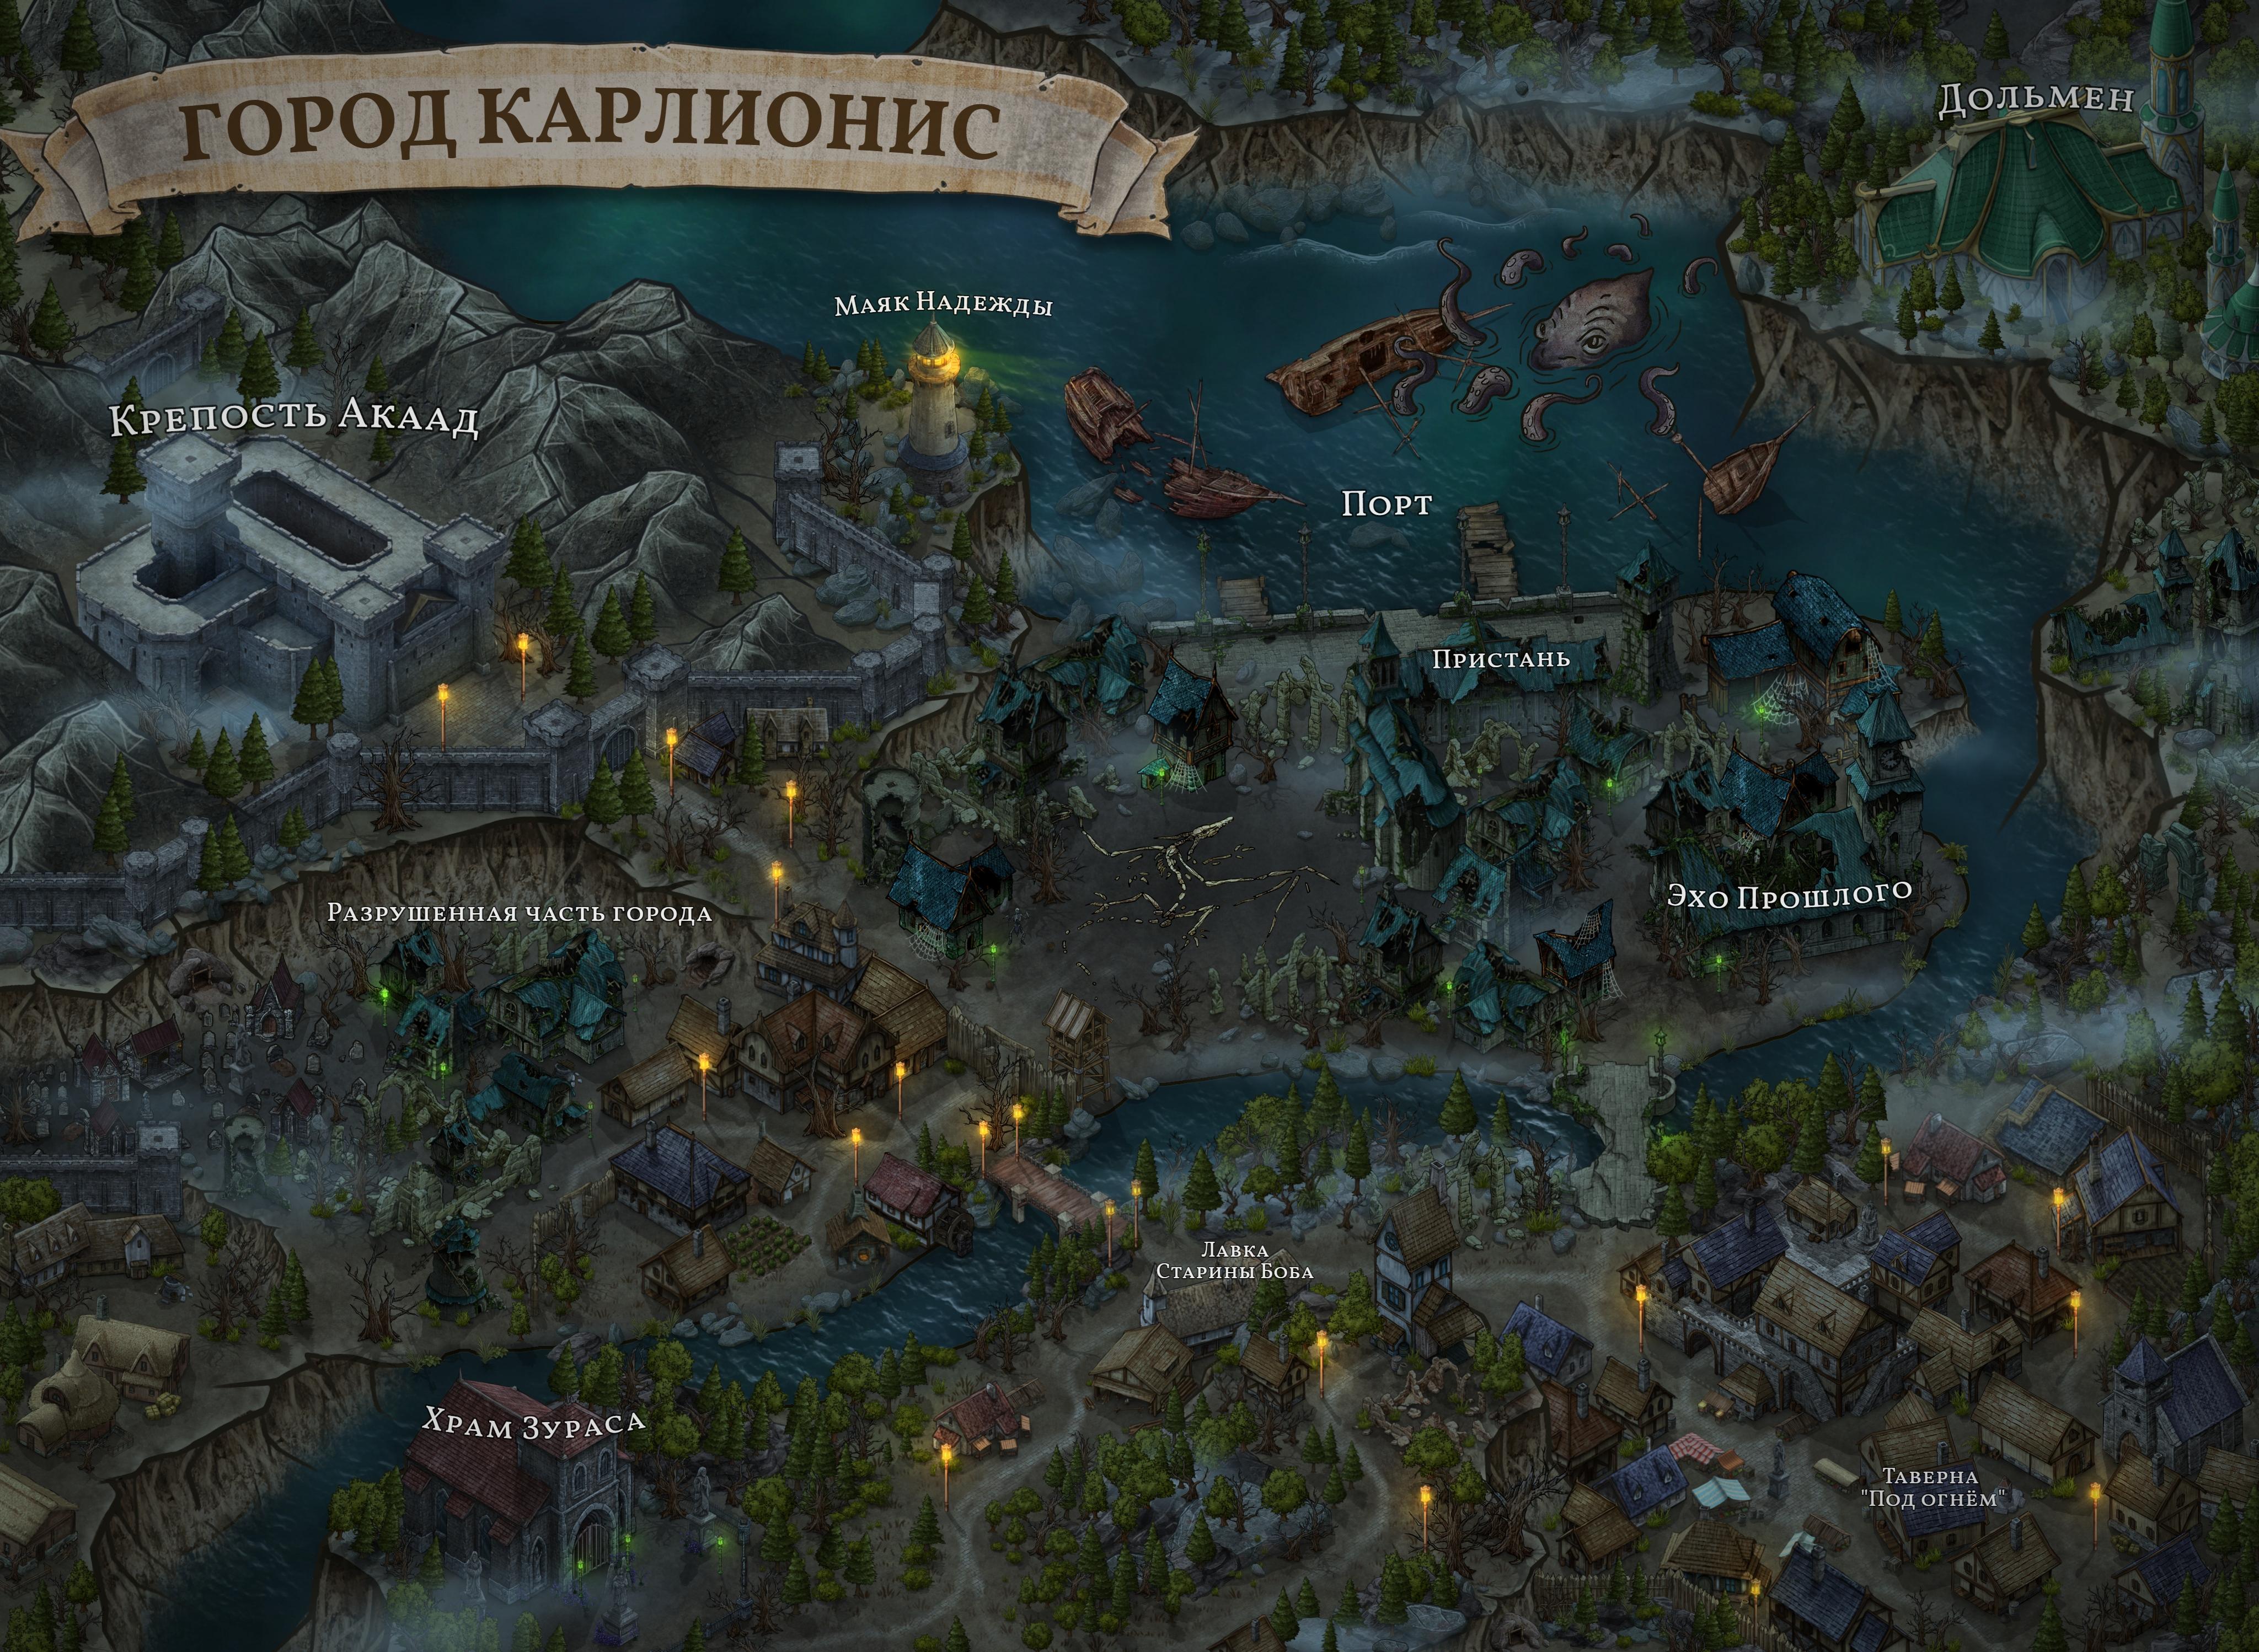 Карта Image